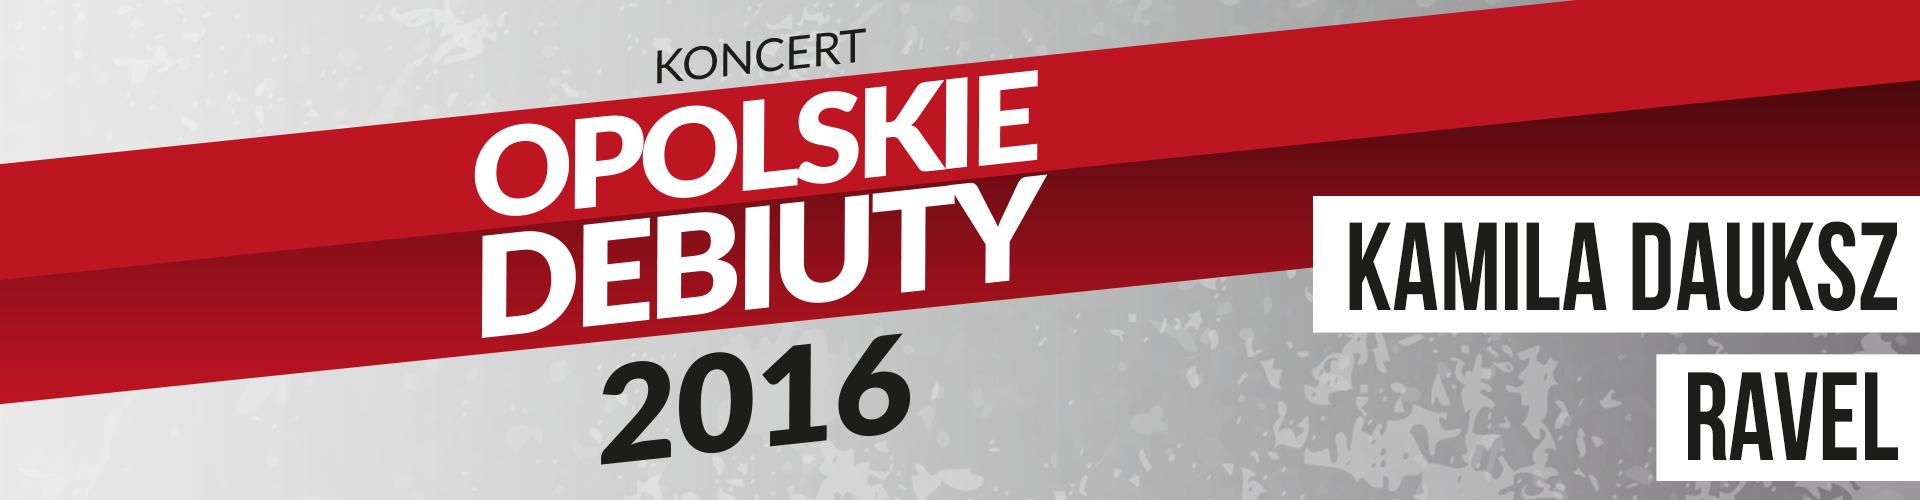 slide_debiuty_koncert_2016